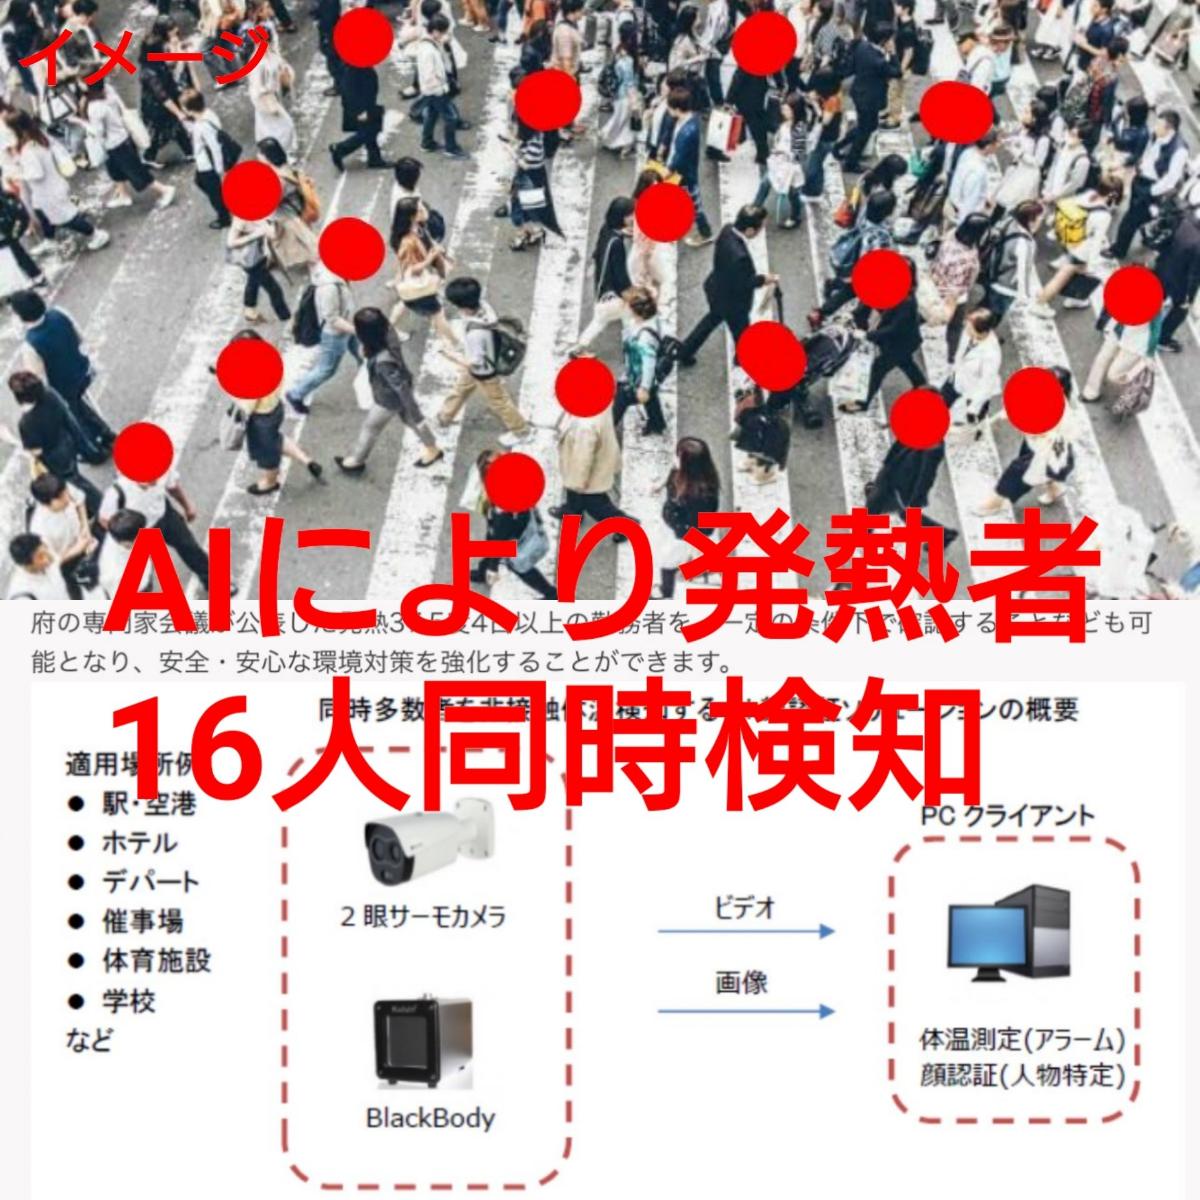 6769 - ザインエレクトロニクス(株) 既に中国で100万台販売!!! その他の国々10万台!!!  AIにより、発熱者16人同時検知!!!